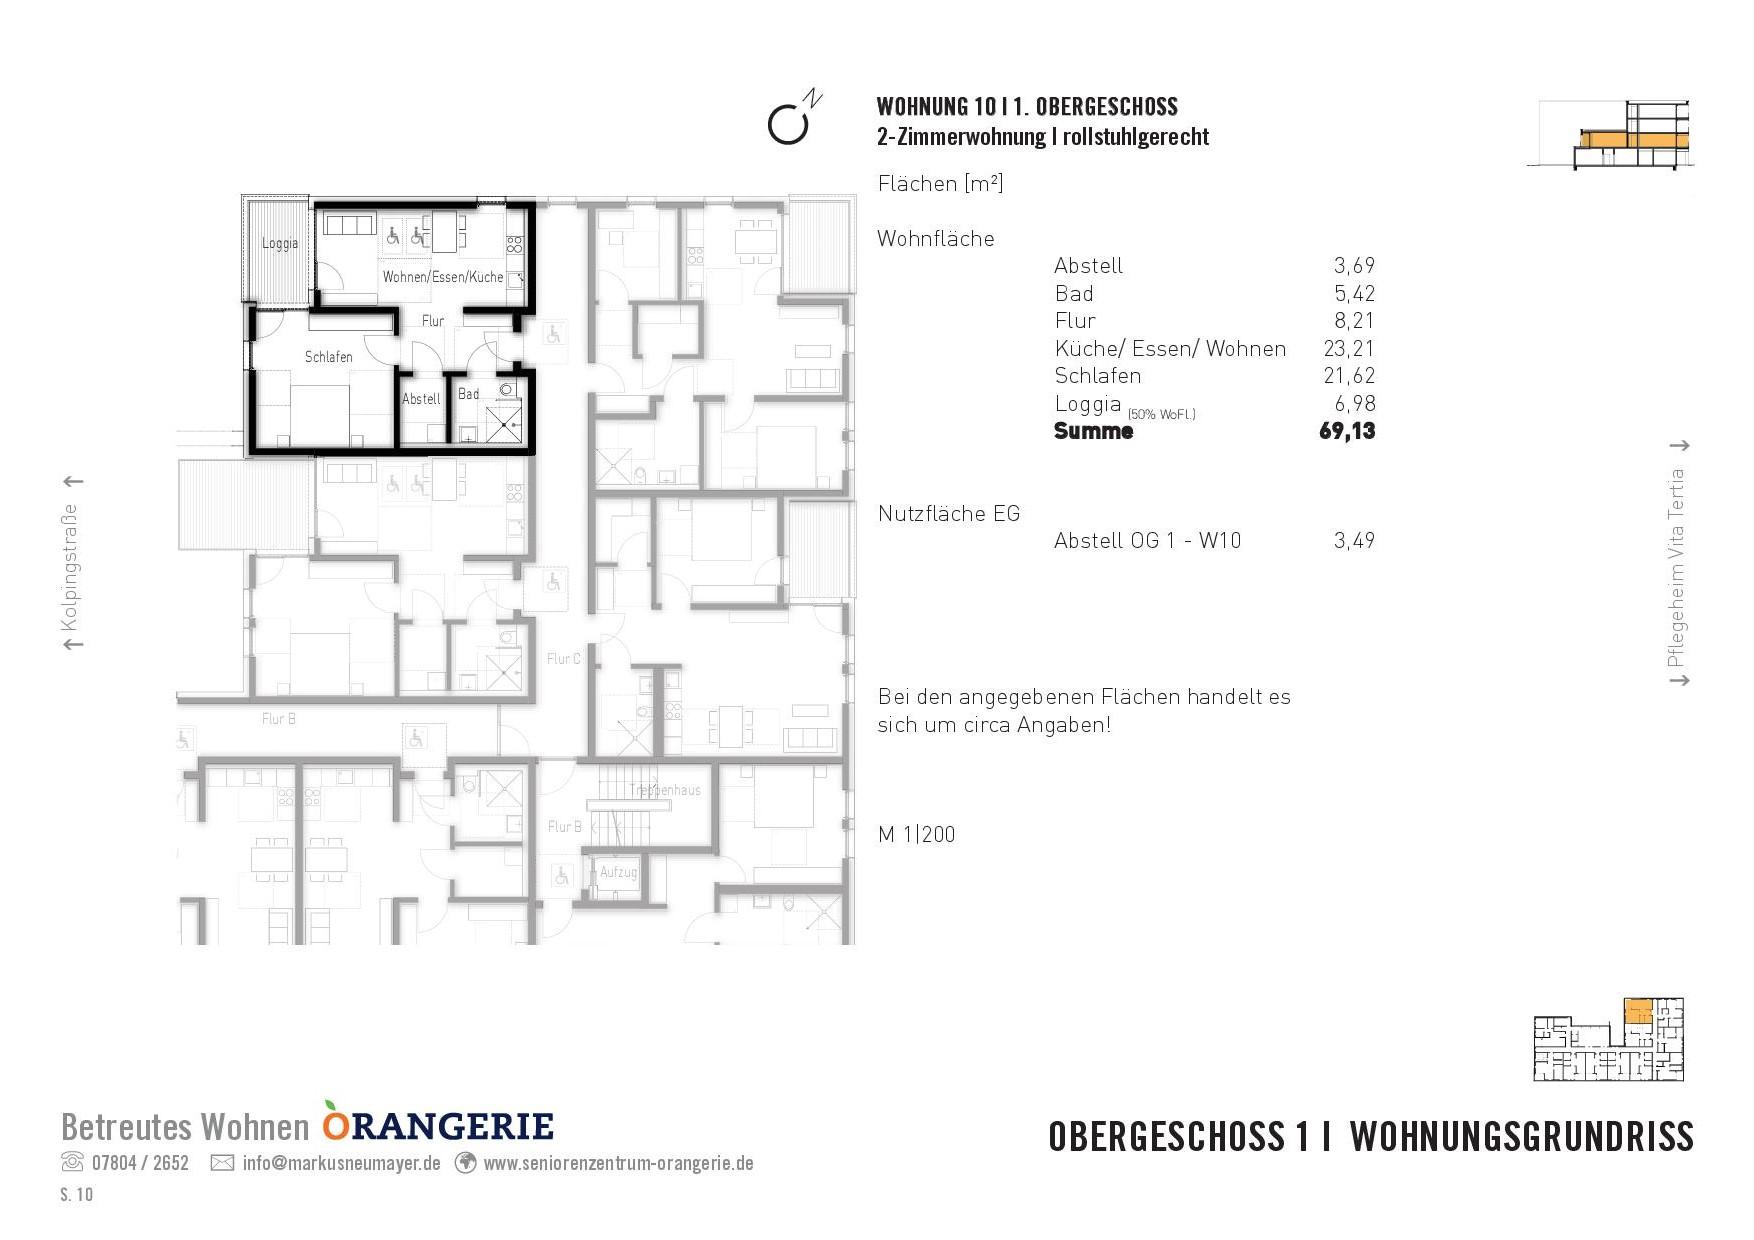 Wohnung Nr. 10